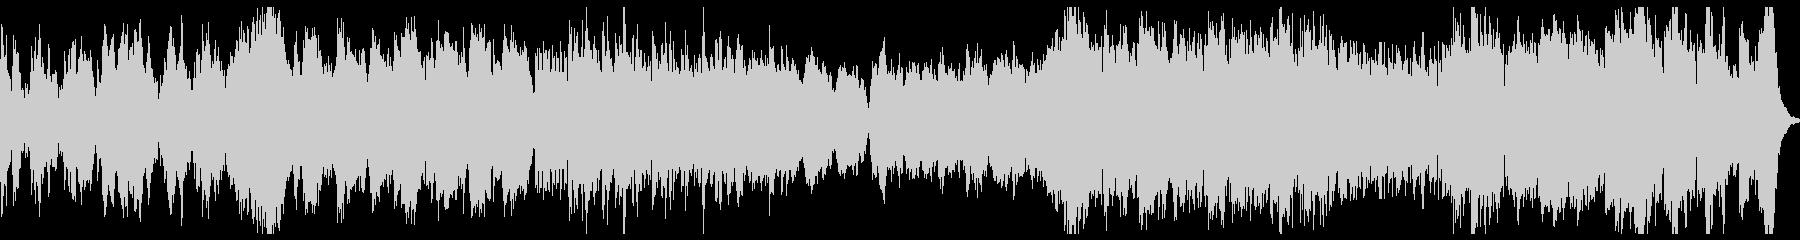 正統派オーケストラ / 前向き / PVの未再生の波形